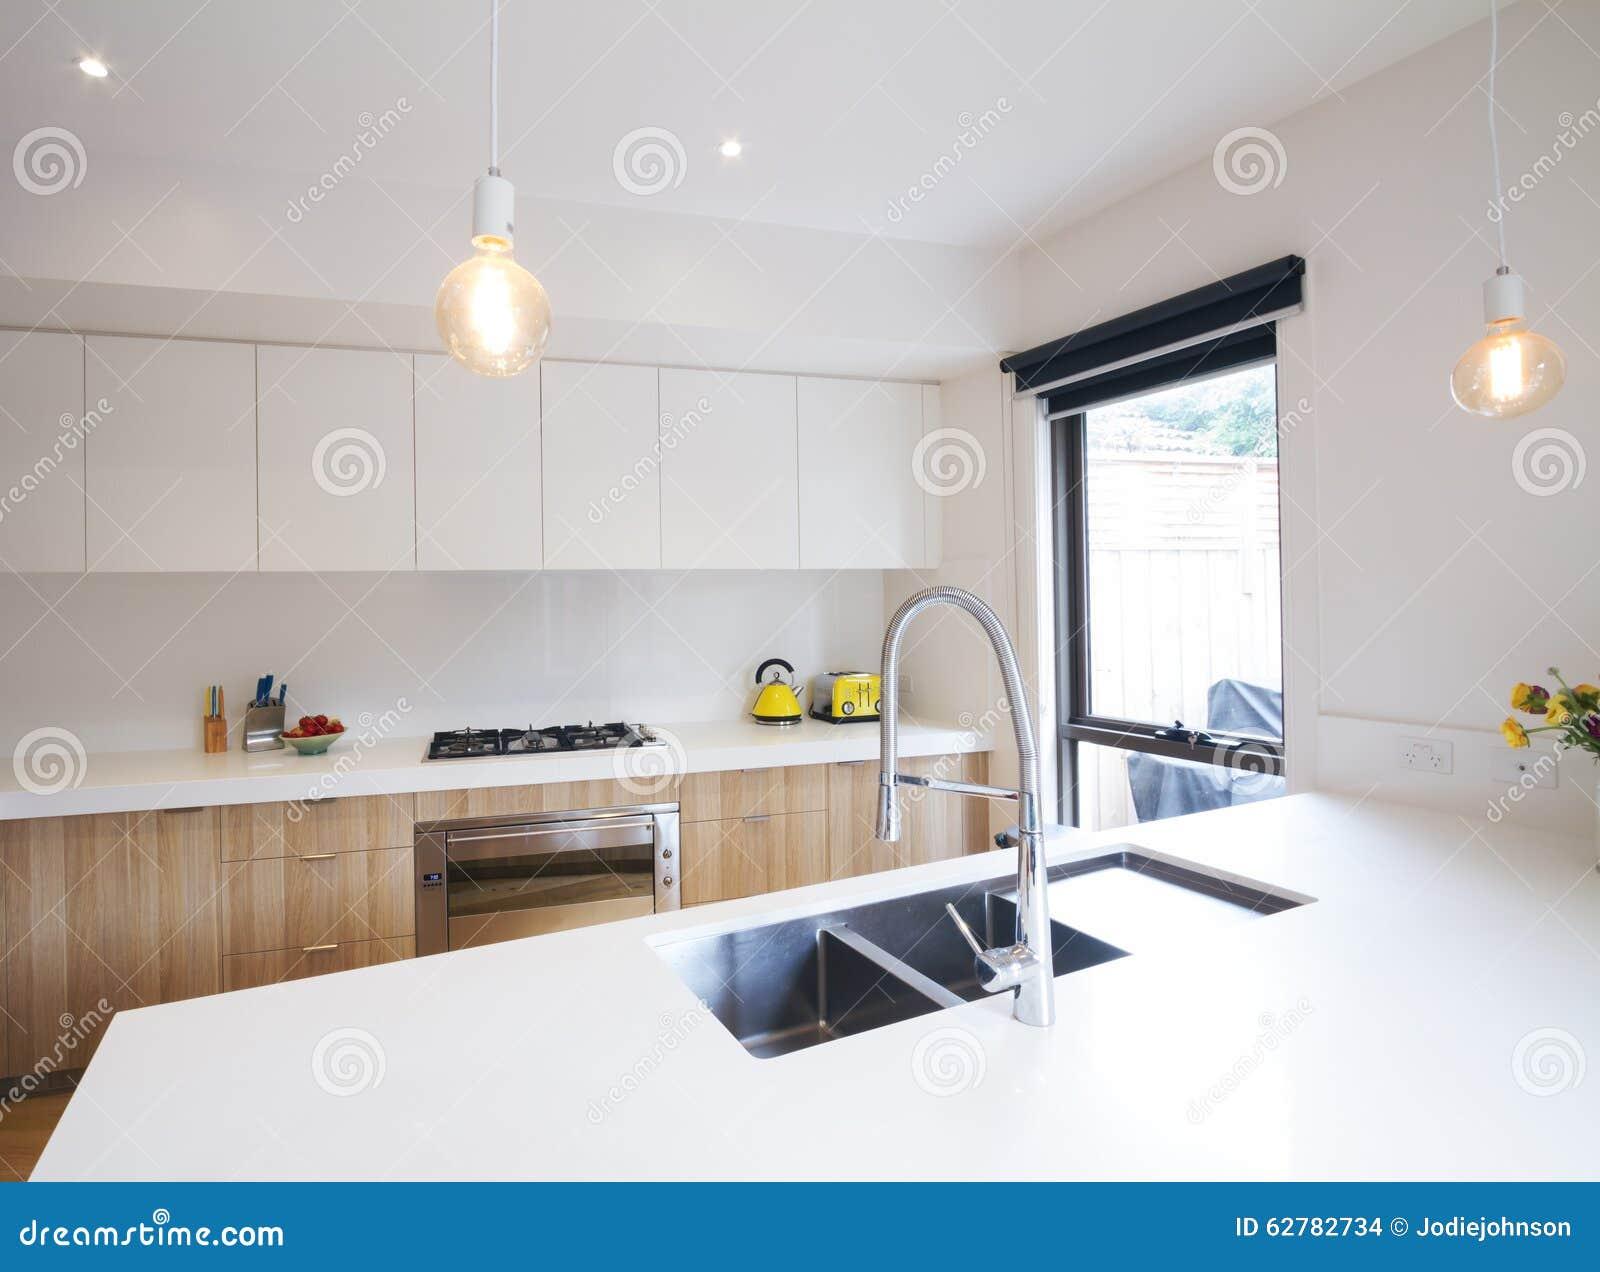 Armadietti pensili per esterno - Illuminazione cucina moderna ...